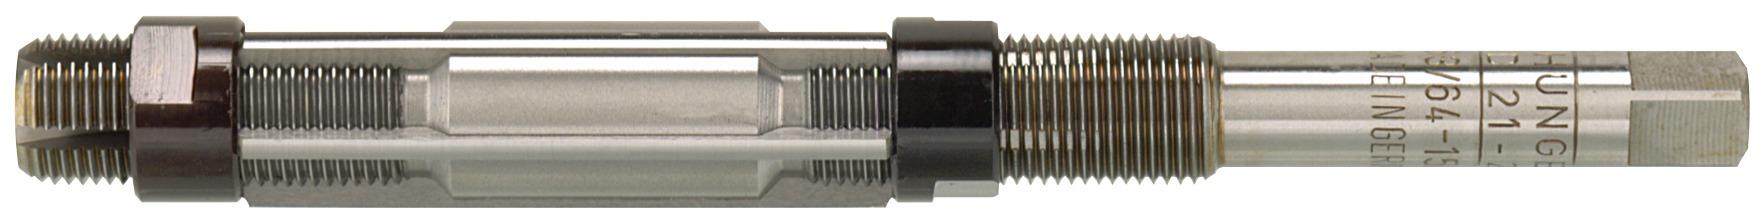 BROTSJ STILLBAR D 45-55